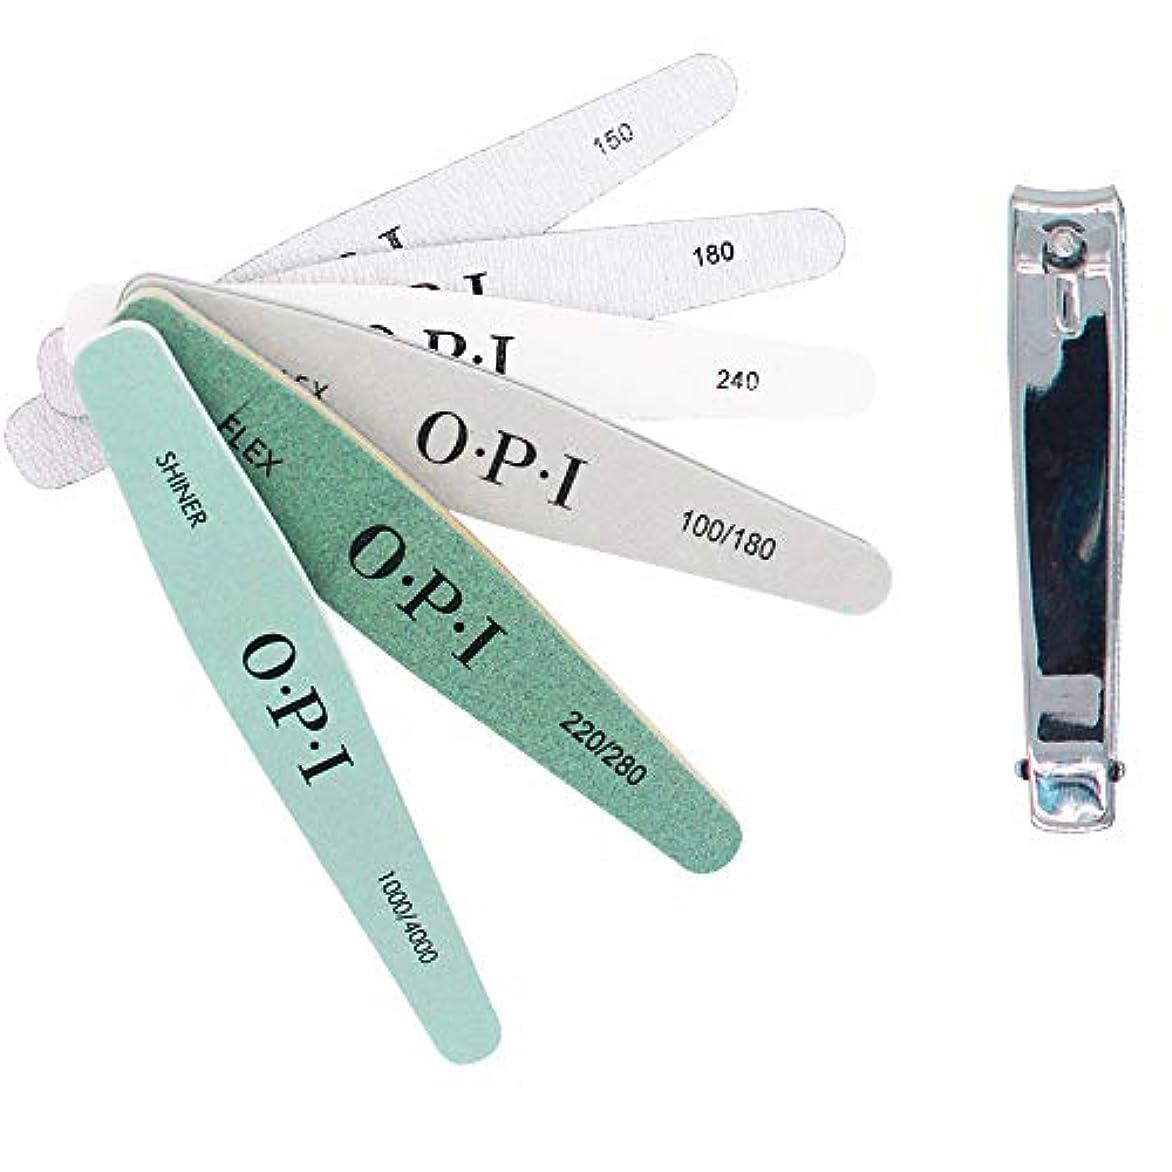 教科書姿を消す便益KINYOOOスポンジファイル、爪やすり、ネイルをつやつやに、のネイルツール、 150/180/200/240/280/1000/4000と(1 PCSメタルネイルはさみ)、ネイルケア用化粧マニキュアペディキュアセット。